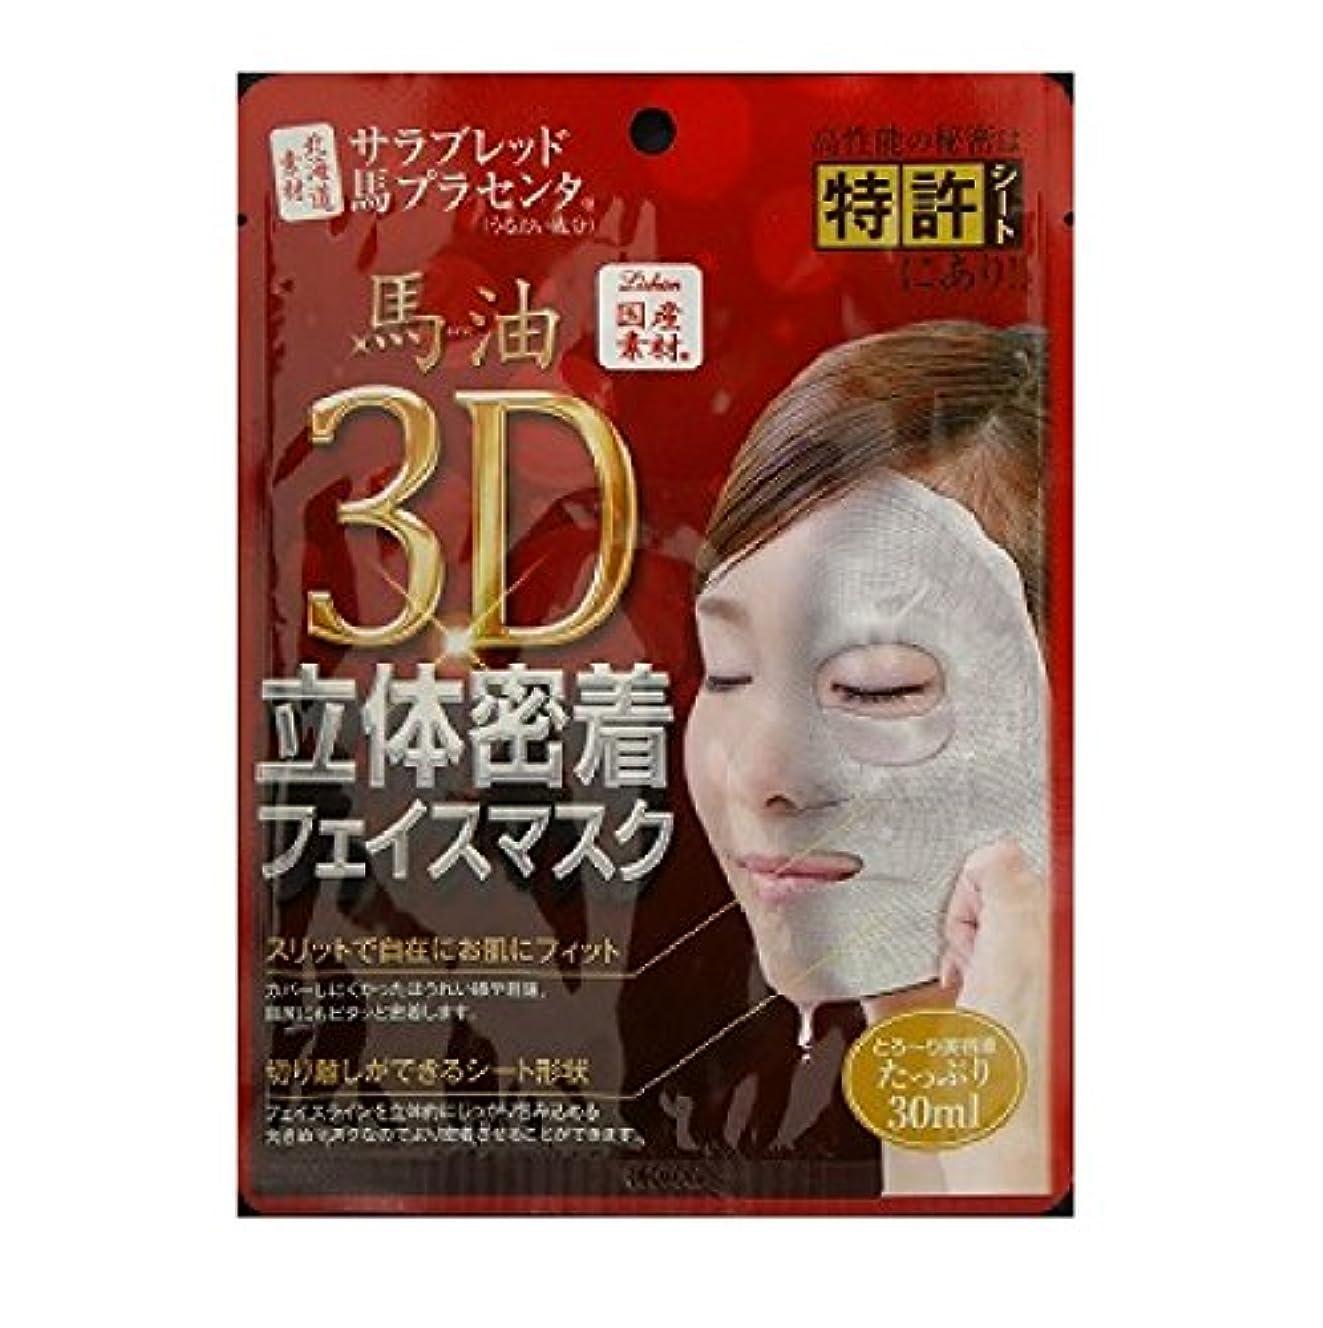 アームストロングセマフォ涙ナヴィス リシャン馬油3D立体密着フェイスマスク無香料 1枚入り